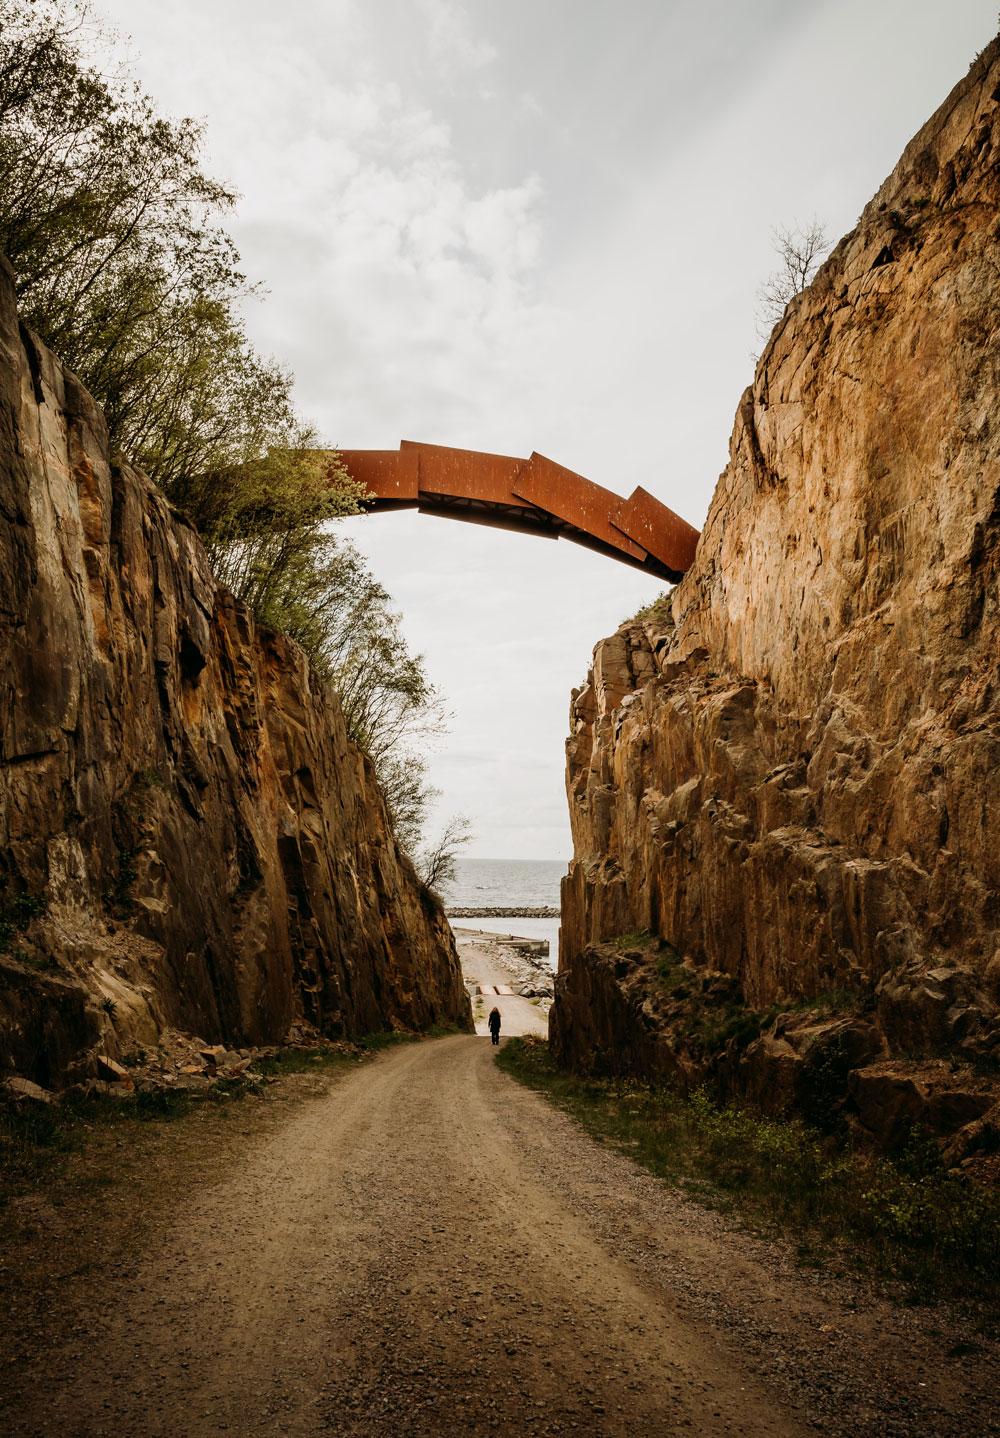 Vang Granitbrud - bro skabt af kunstneren Peter Boneén